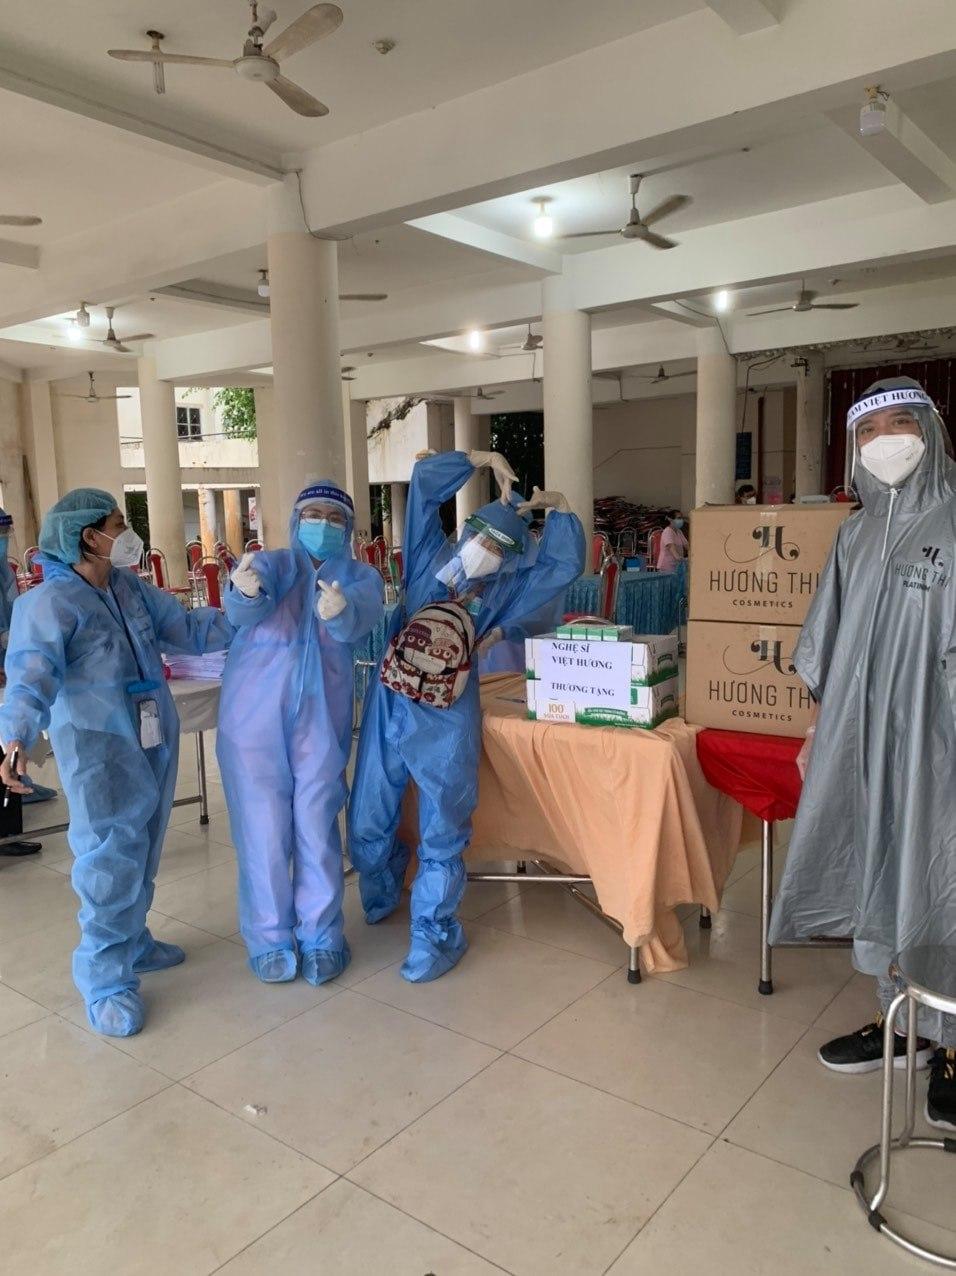 Việt Hương kể về những góc khuất khi làm từ thiện chống dịch Covid-19 tại TP Hồ Chí Minh - Ảnh 4.